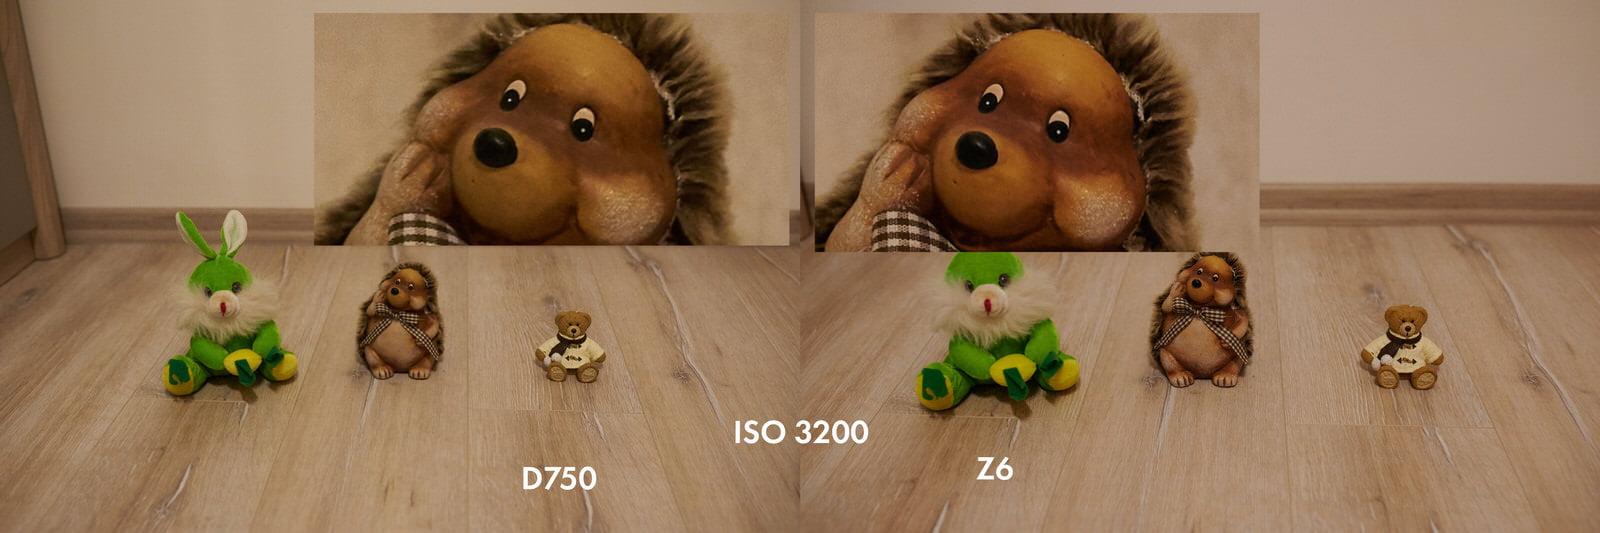 Recenzja Nikon Z6 w fotografii ślubnej | Porównanie do Nikona D750 12